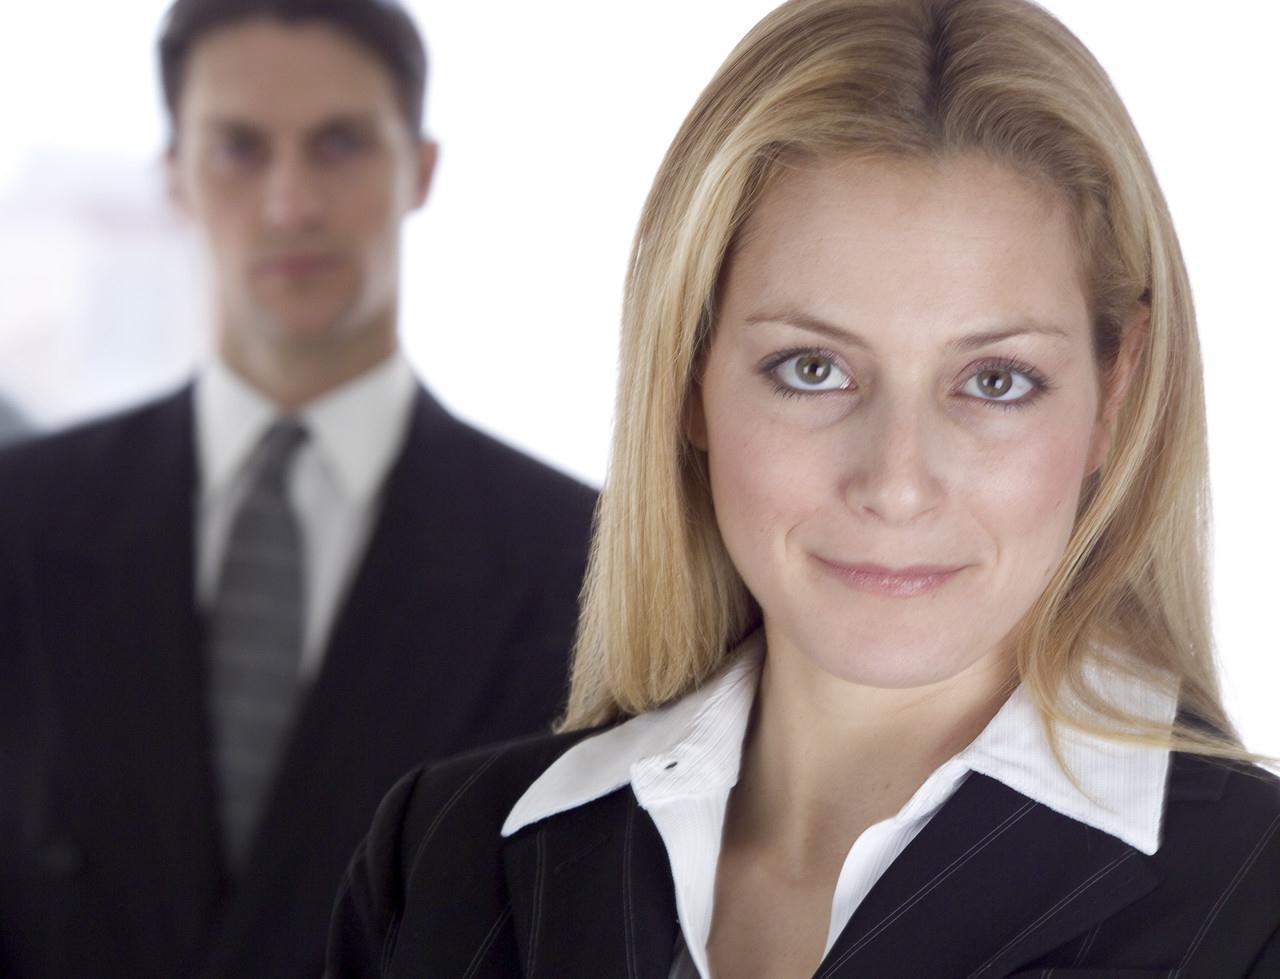 Professional Private Investigator Stryker Investigation Services - Atlanta